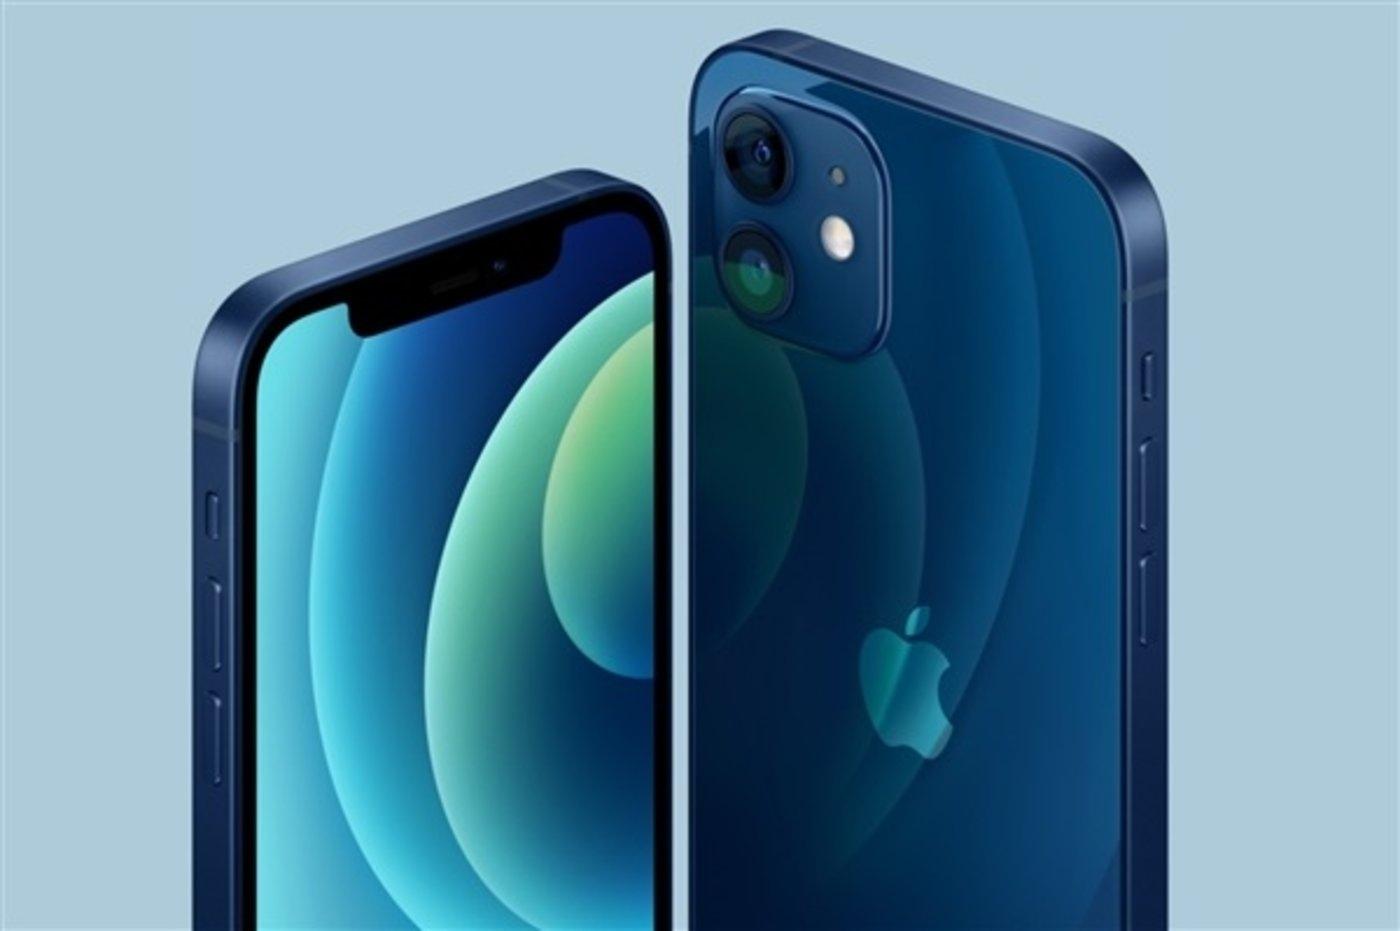 iPhone 12海軍藍被罵翻!慘遭吐槽「塑膠藍」,意外掀起中國退貨風波